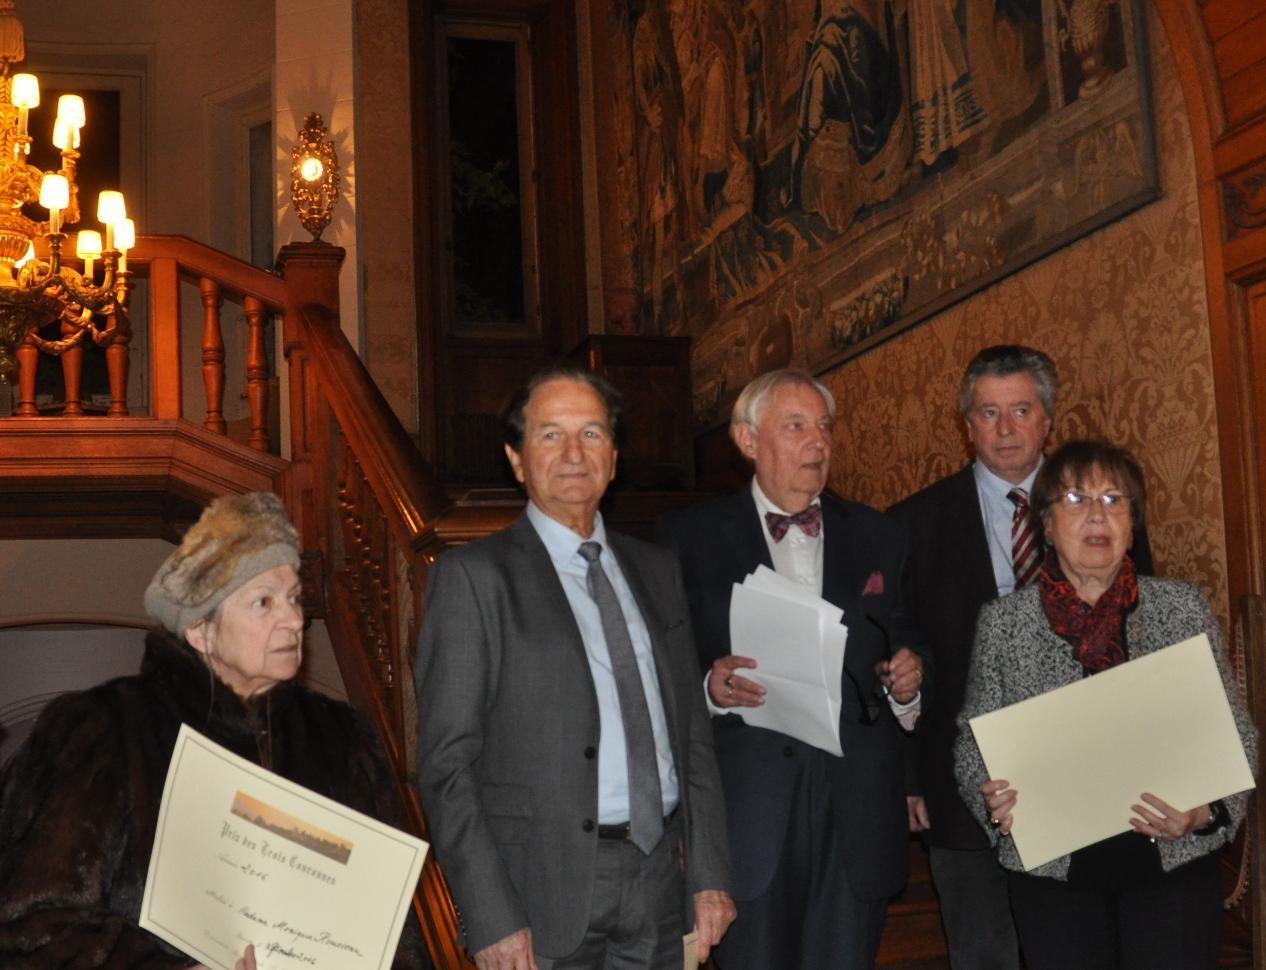 Remise du Prix Littéraire des Trois Couronnes à Arcangues